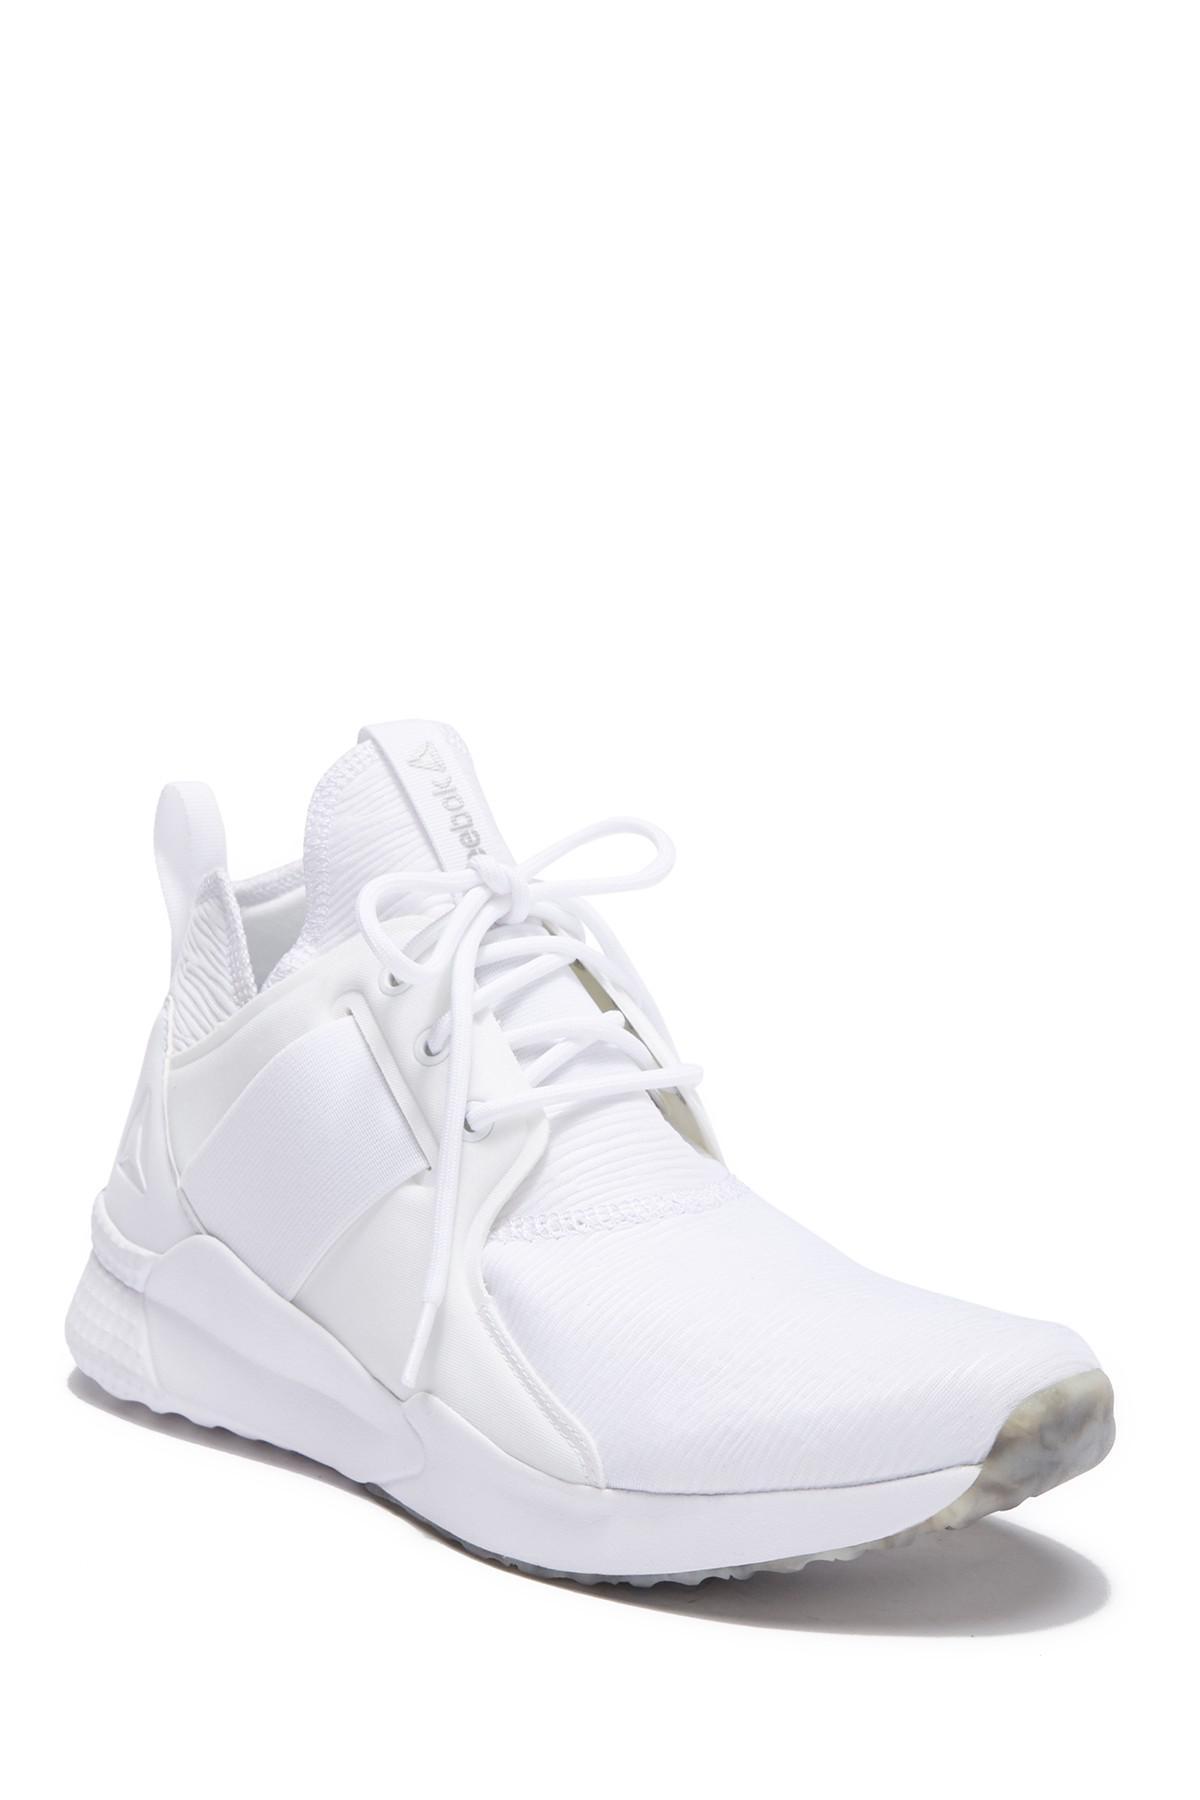 47a19eefb87 Lyst - Reebok Guresu 1.0 Sneaker in White